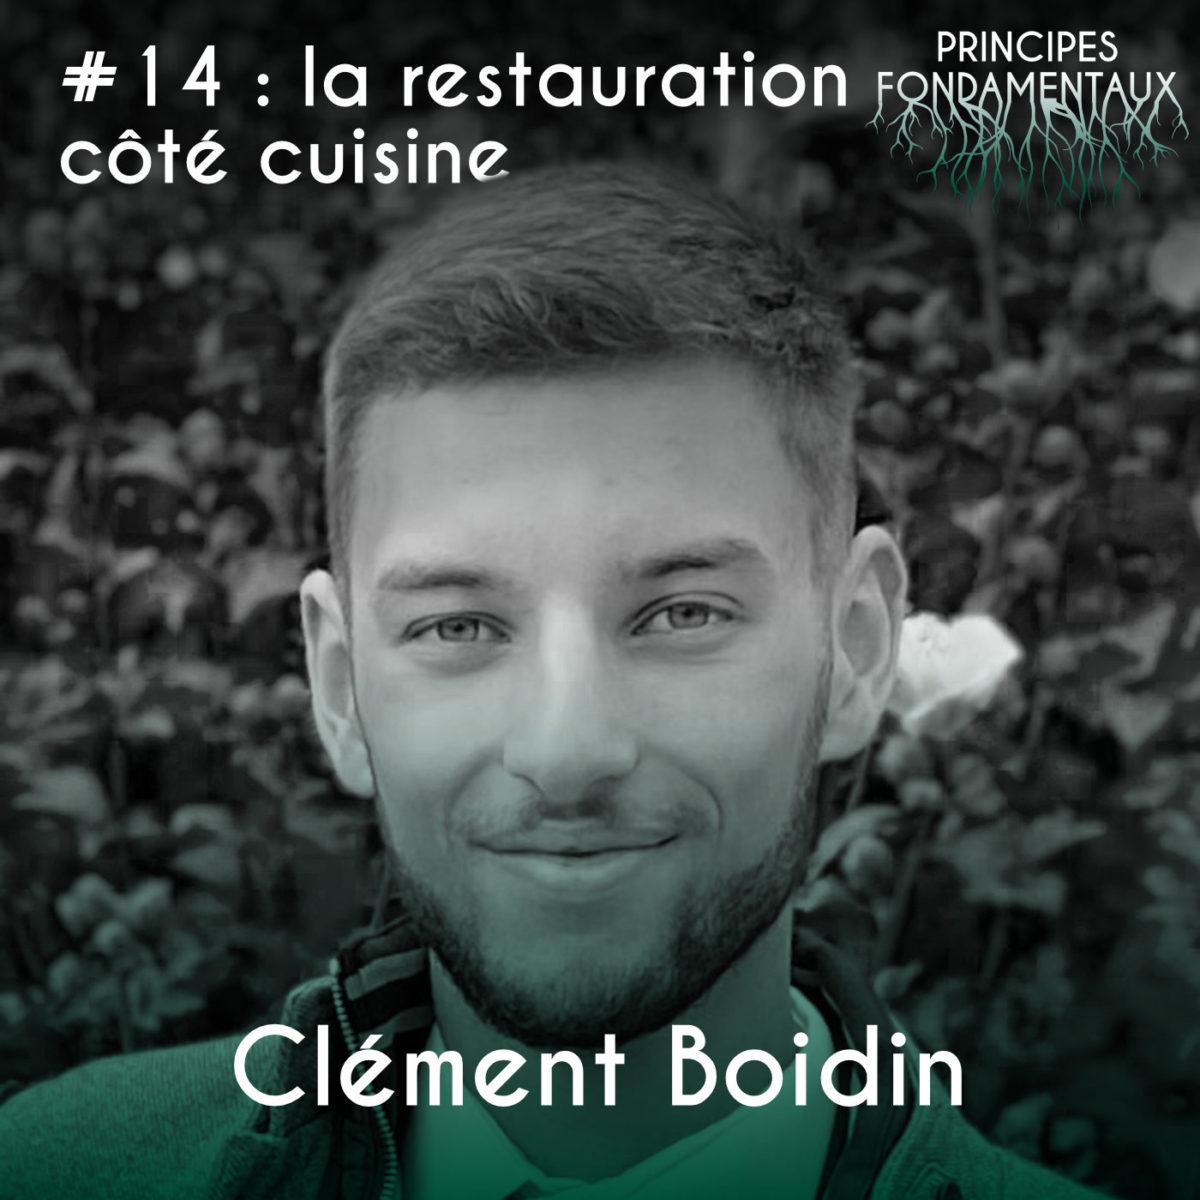 Couverture Podcast #14 Clément Boidin